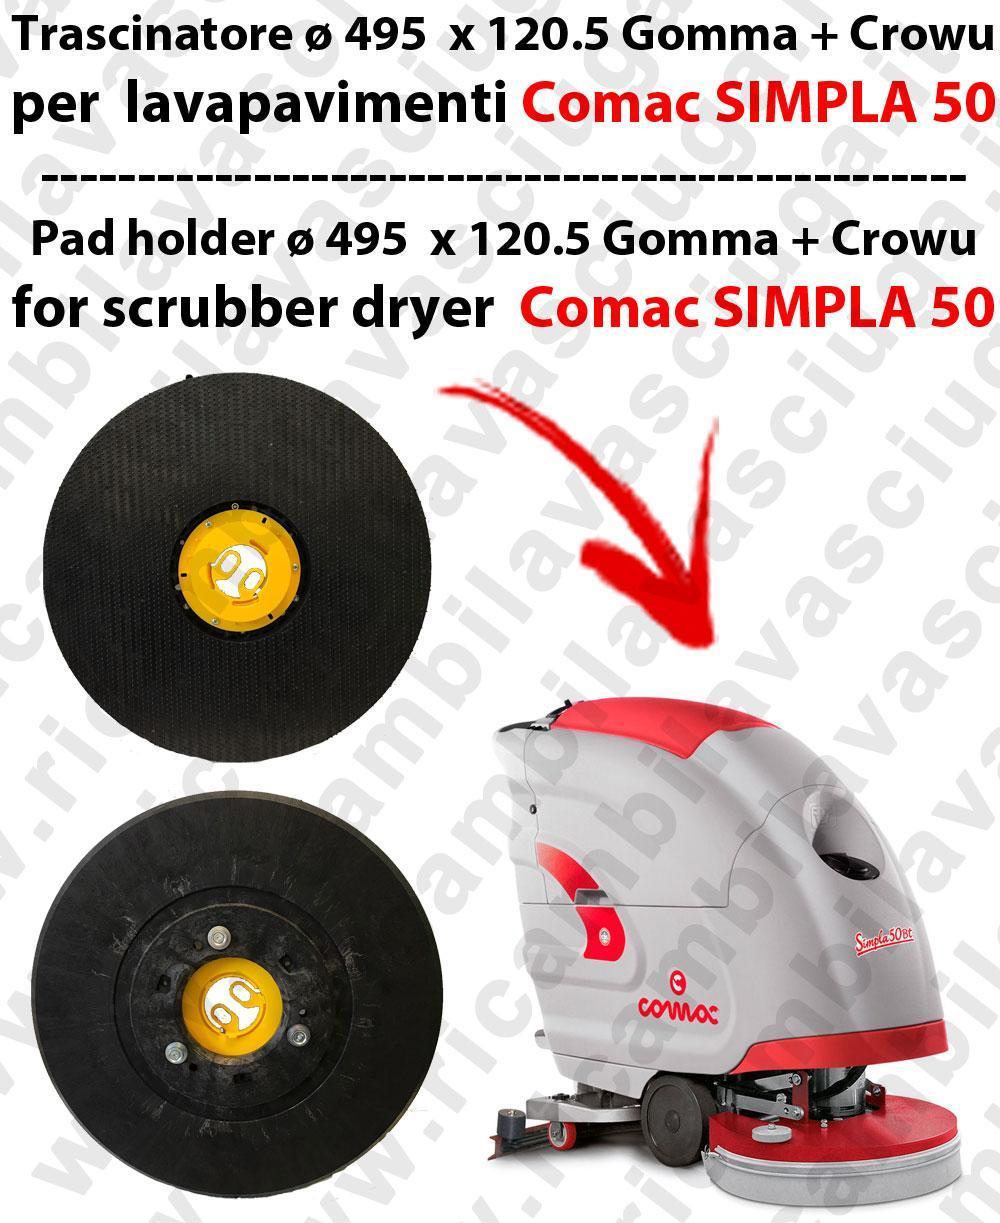 TRASCINATORE ( pad holder) para fregadora COMAC Simpla 50 -  goma + Crowu - Dim: ø 495  x 120.5